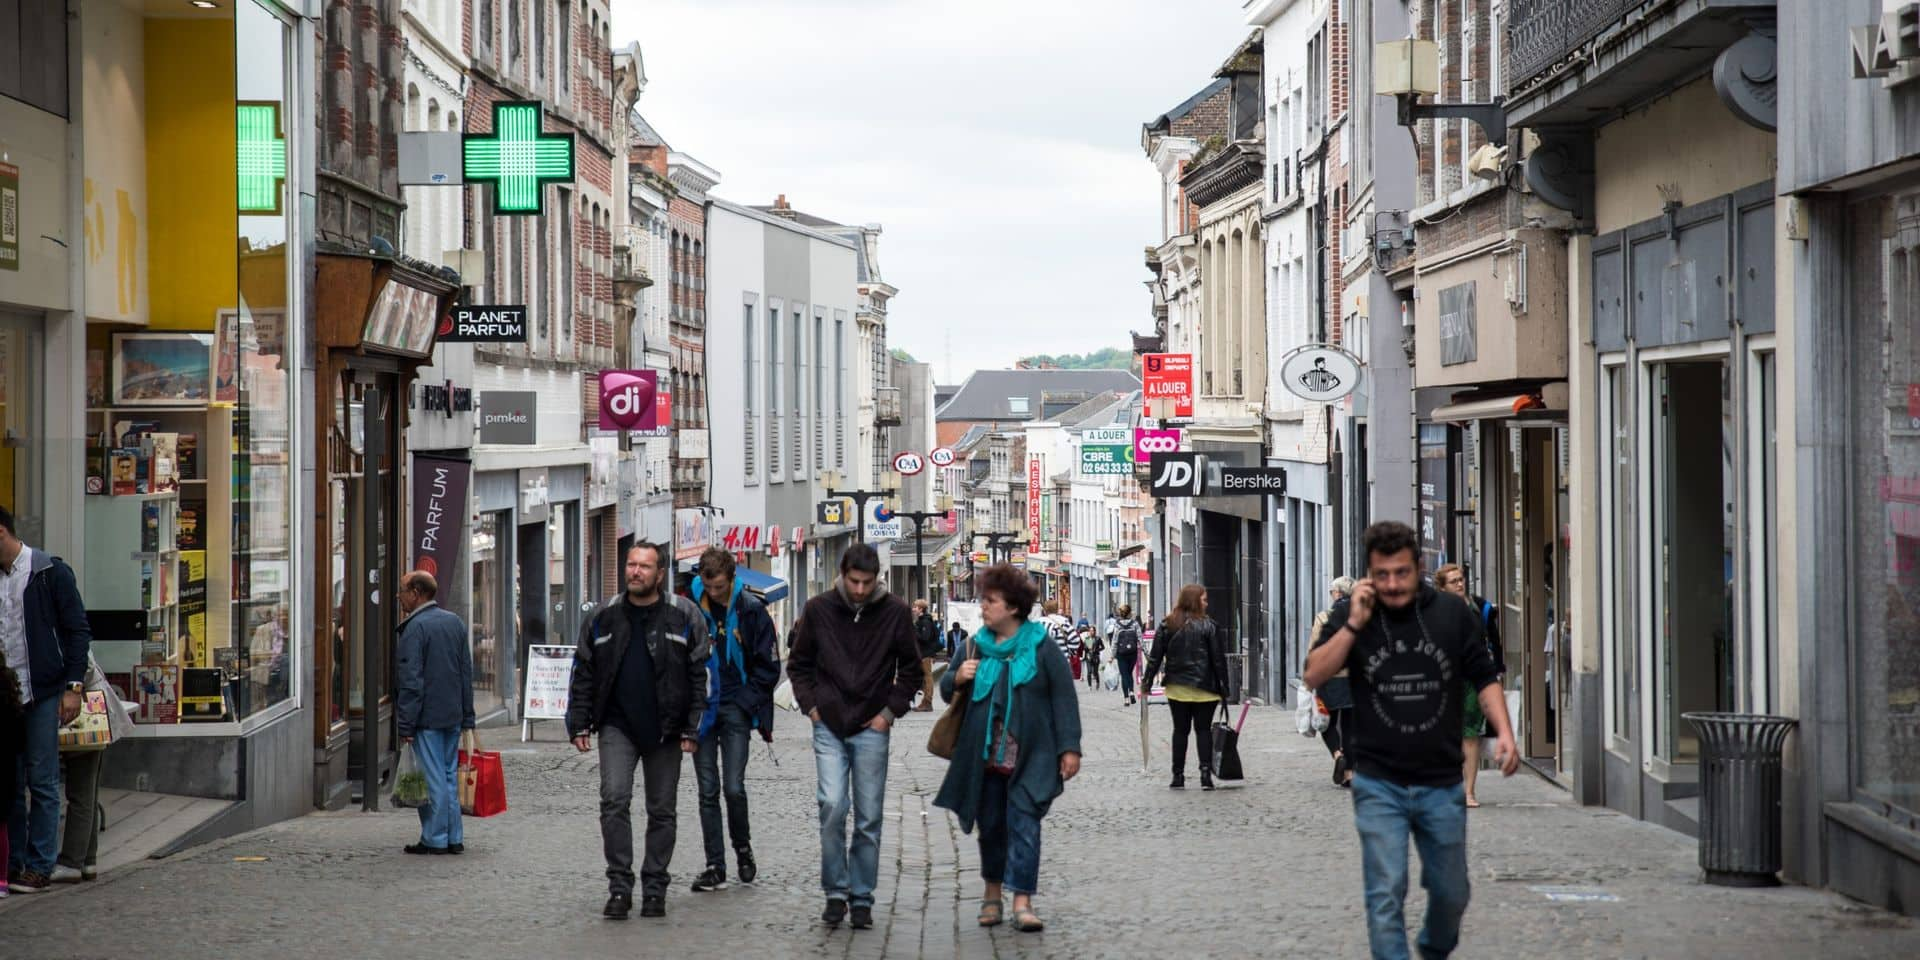 Mons: La Ville trop interventionniste dans le piétonnier? La majorité assume